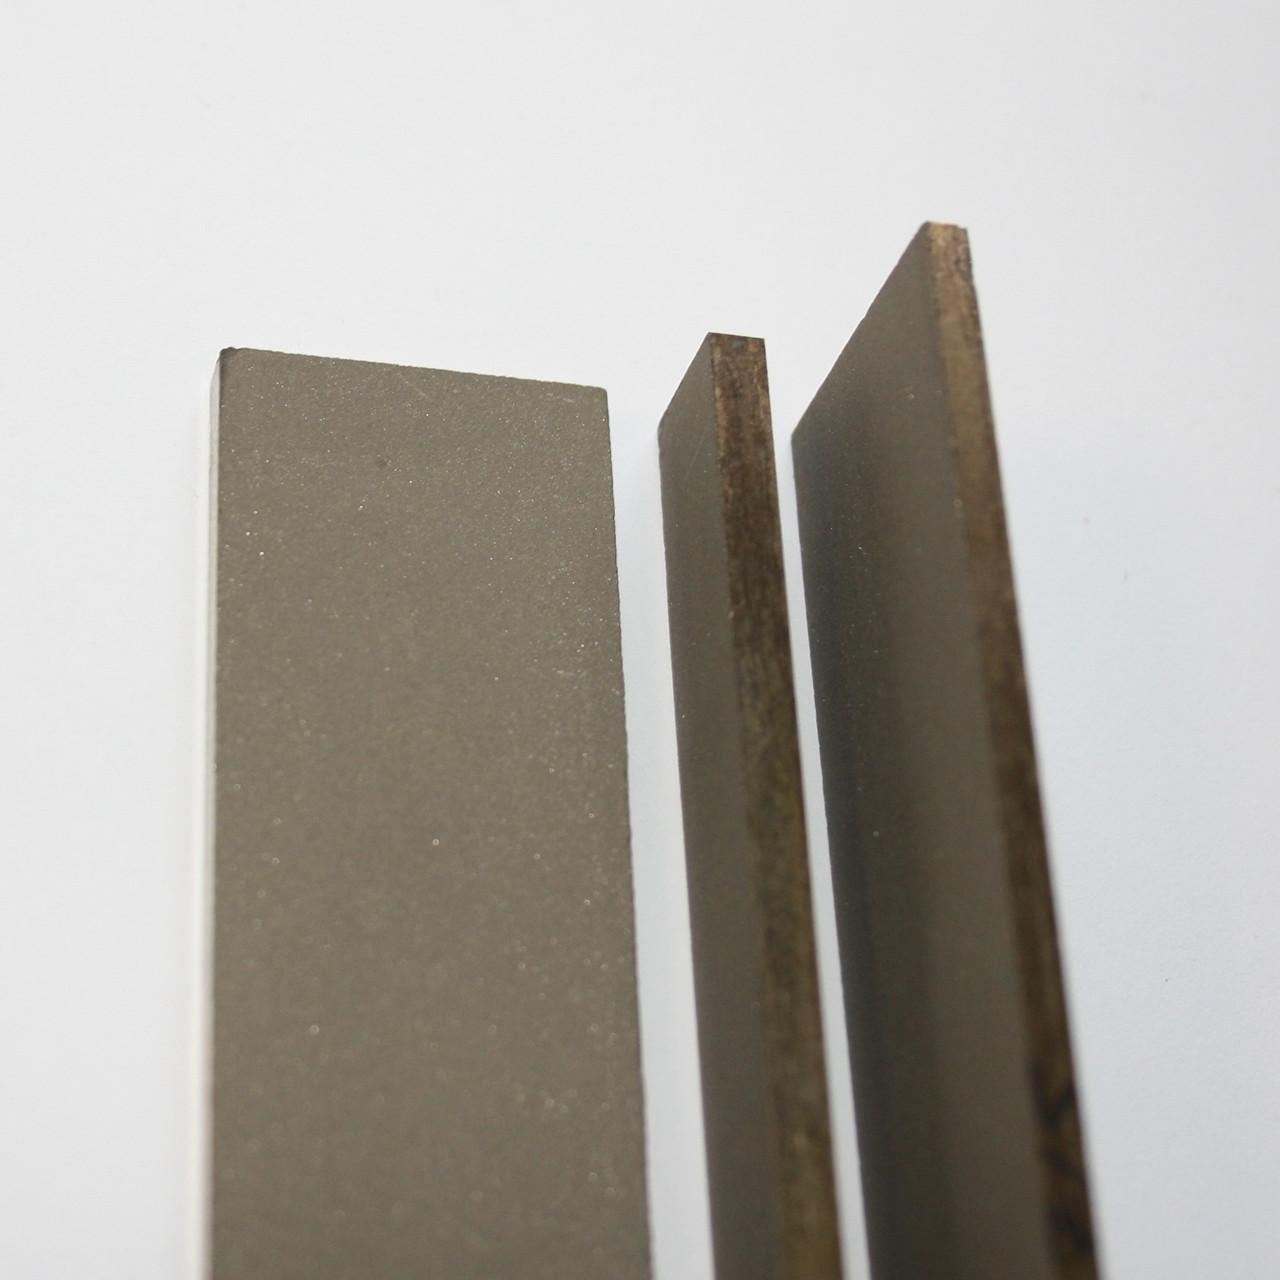 Алмазные бруски для заточки ножей 200х40х3 АС15 200/160